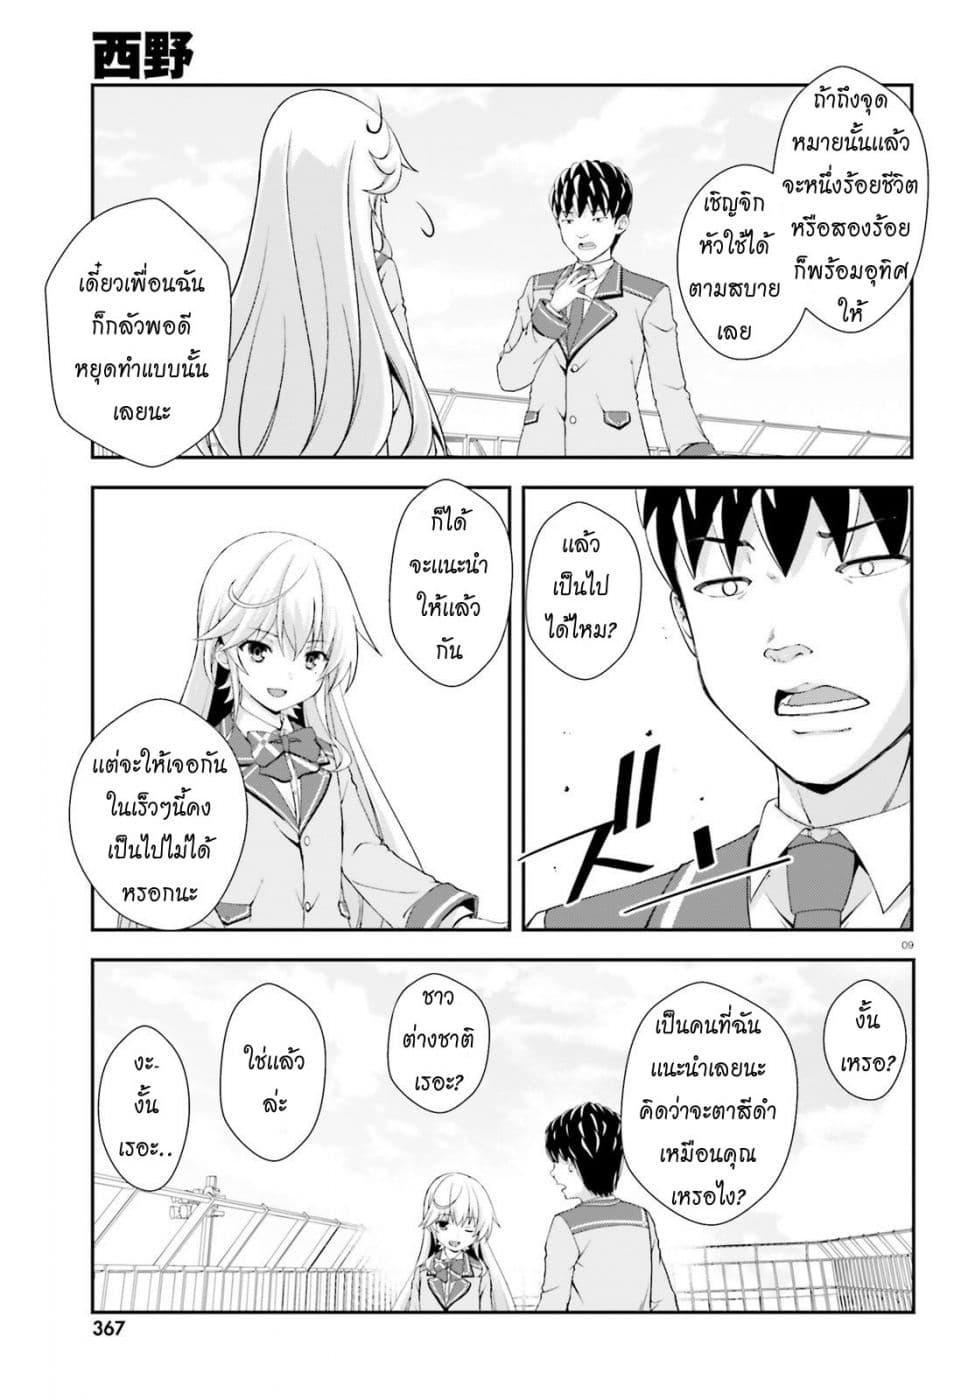 อ่านการ์ตูน Nishino Gakunai Caste Saikai Ni Shite Ino Sekai Saikyo No Shonen ตอนที่ 6 หน้าที่ 6